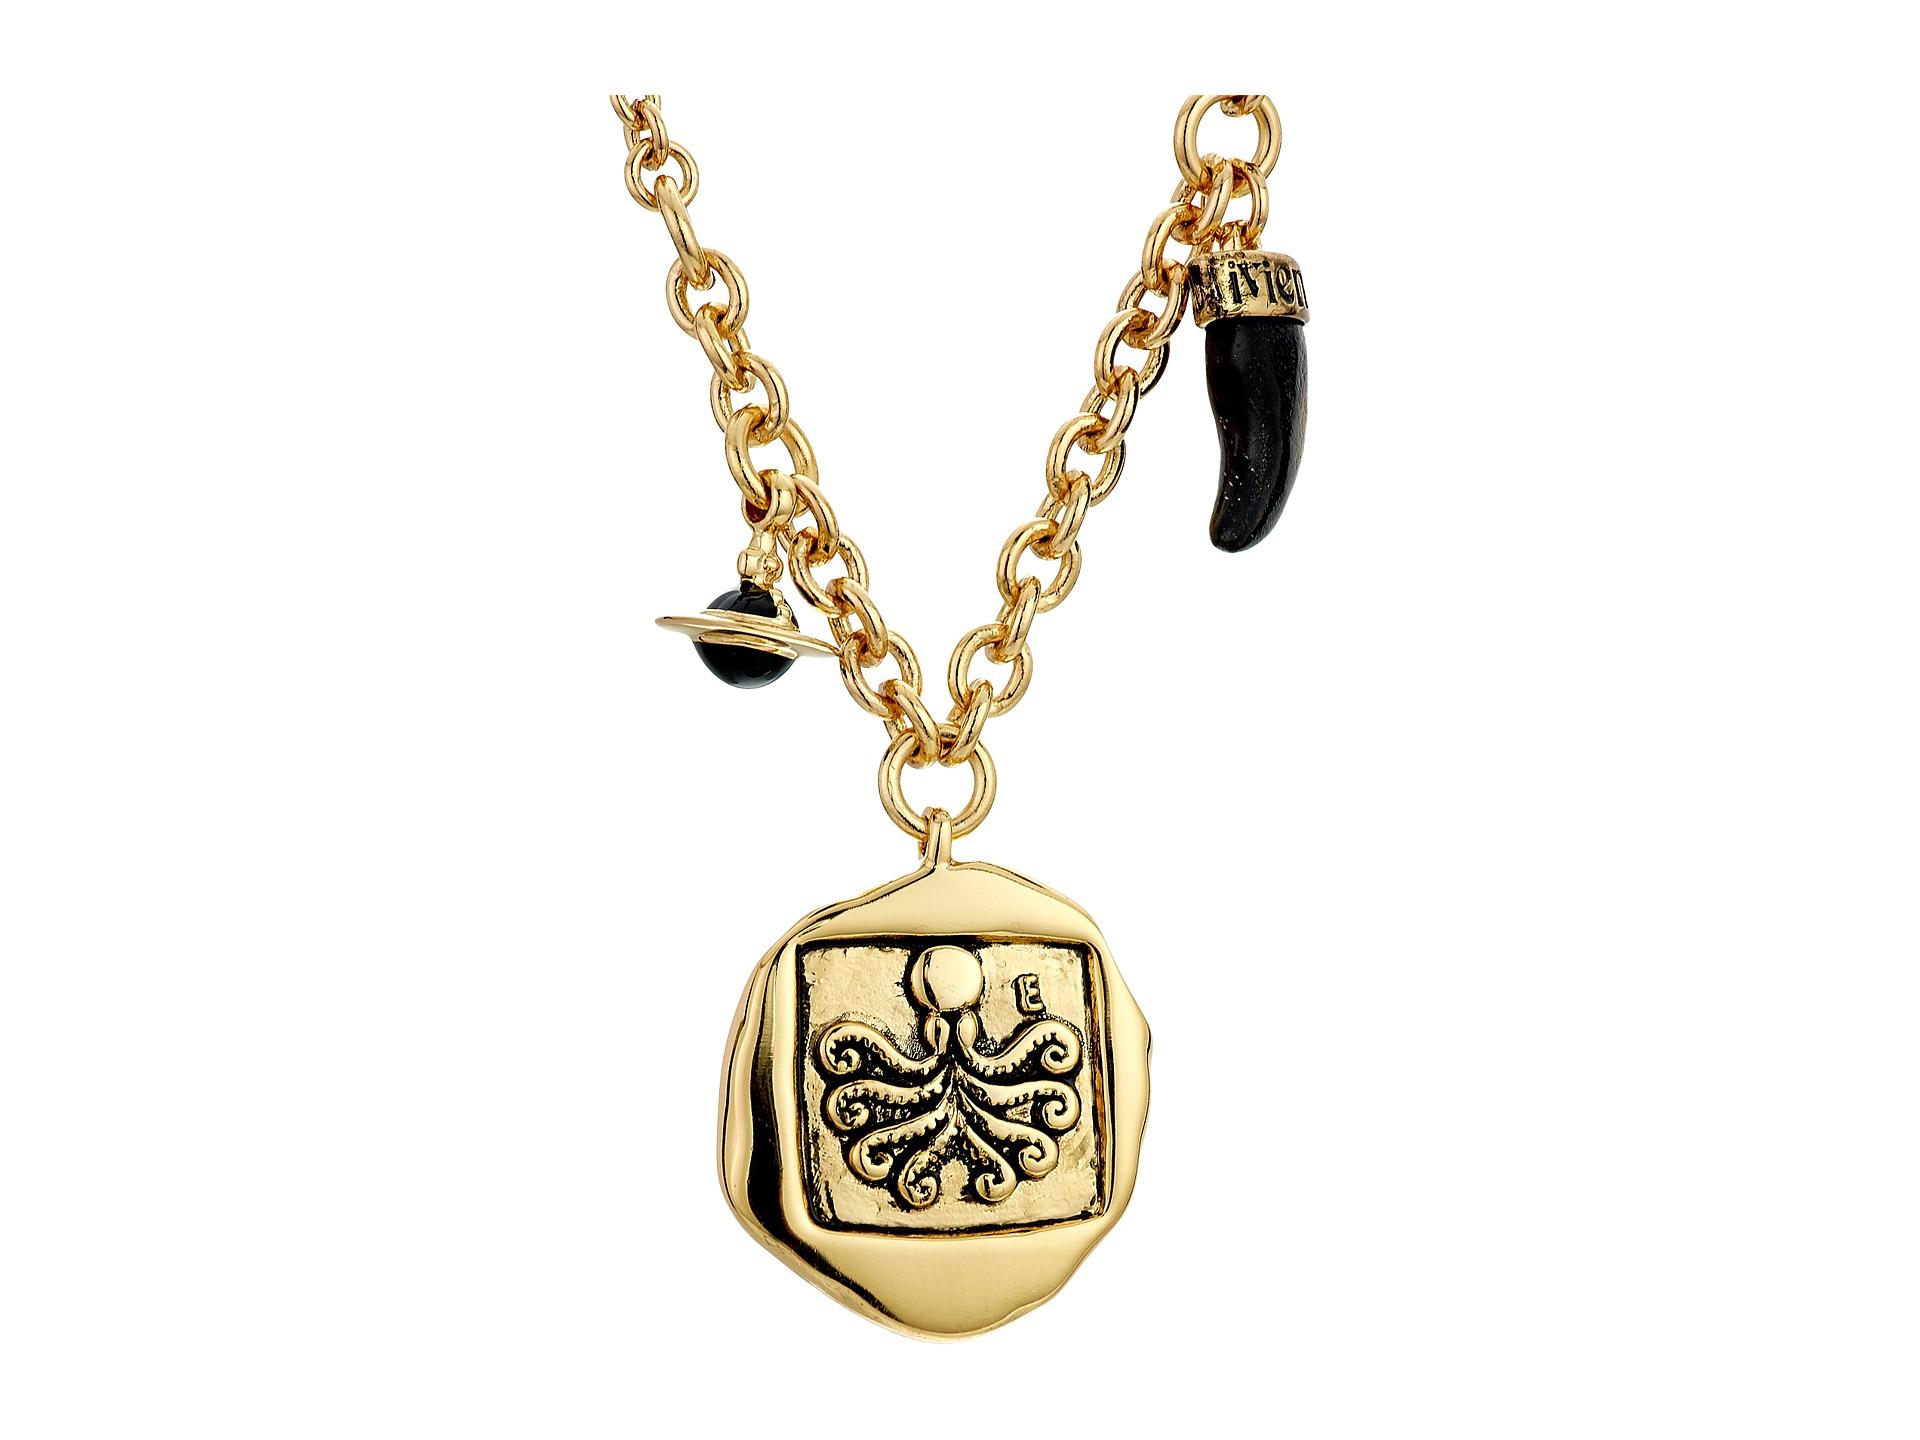 vivienne westwood venicius coin pendant necklace in